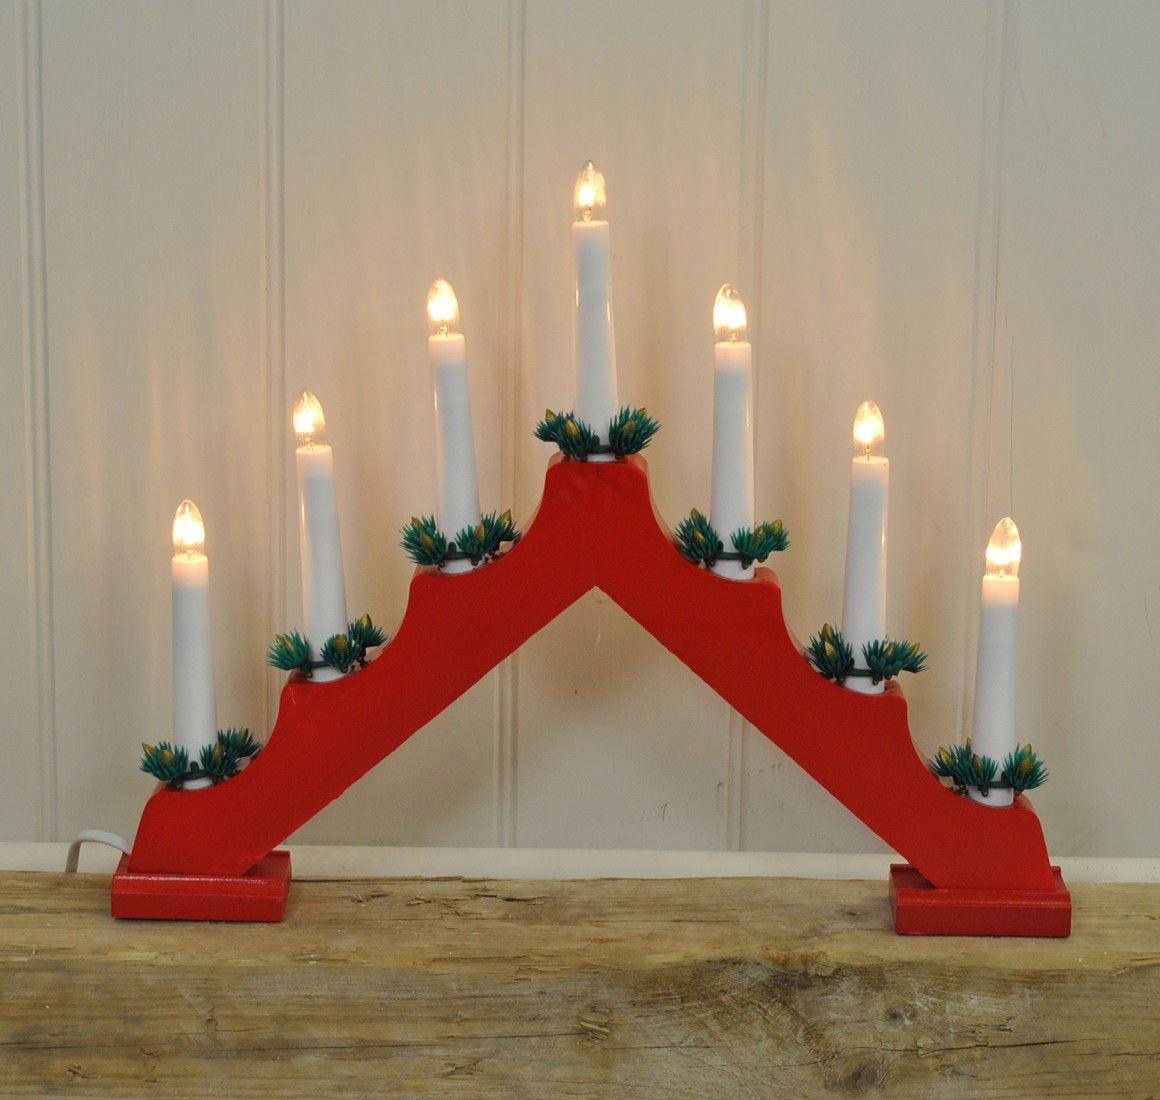 Natale-Natale-Decorazione-da-finestra-ad-arco-in-Legno-Candela-Ponte-Luce-Decor-7-Lampadine miniatura 8